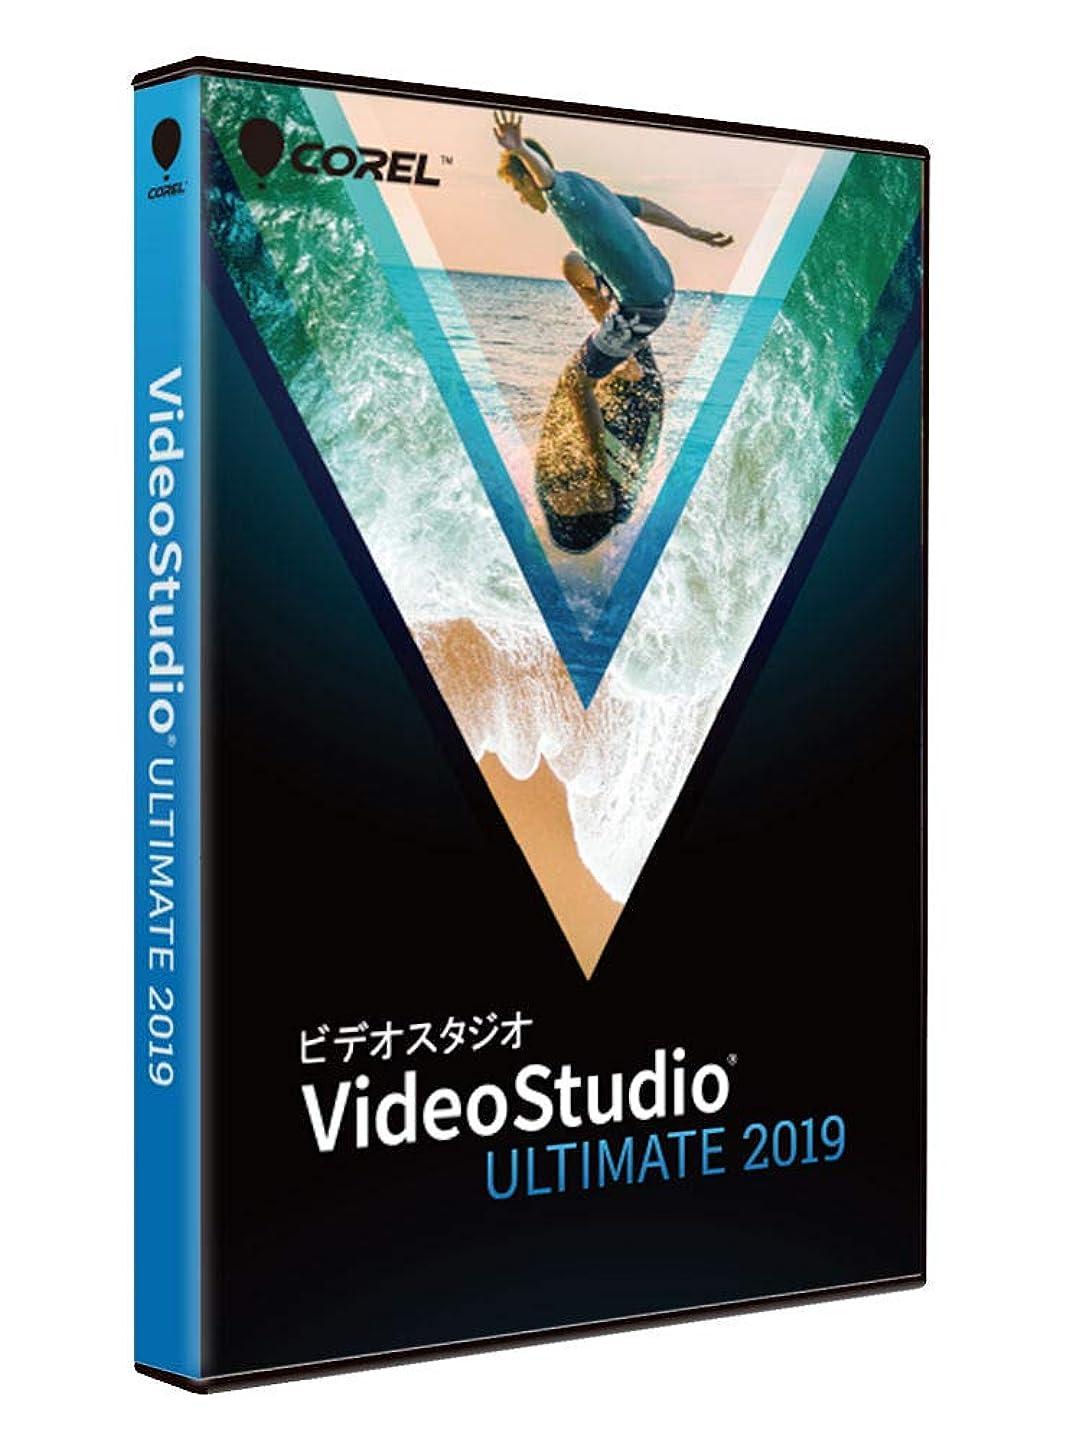 無声で小屋制約コーレル VideoStudio Ultimate 2019 通常版 公式ガイドブックデータ?123RF素材チケット付き ビデオ編集 ムービー編集